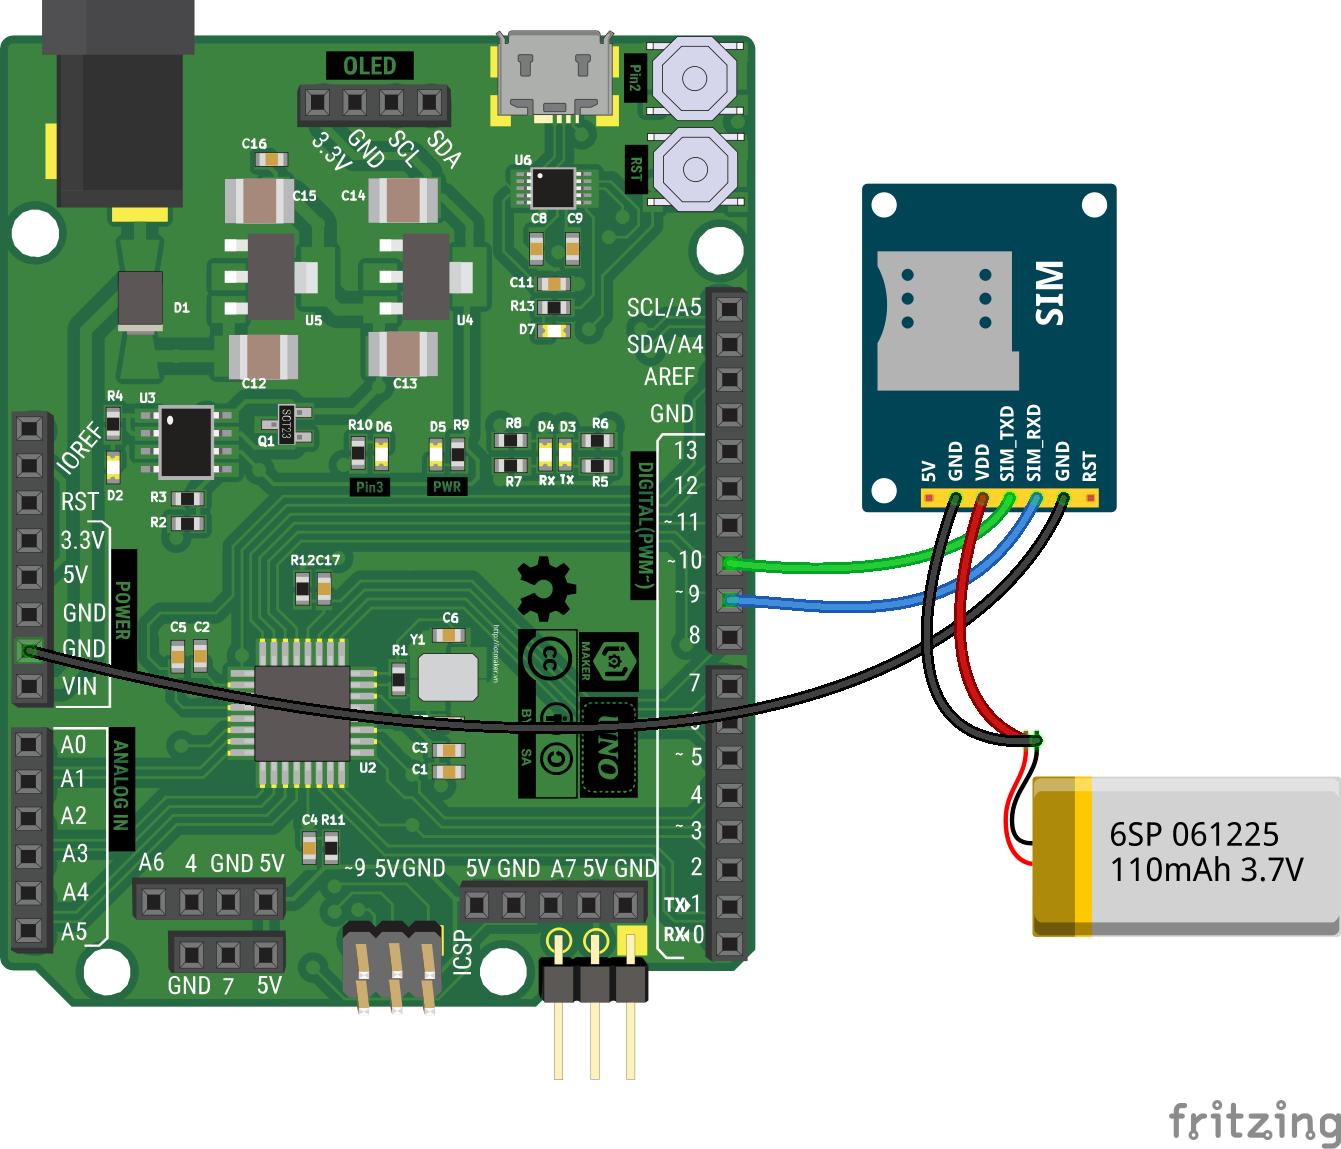 unox connect sim800